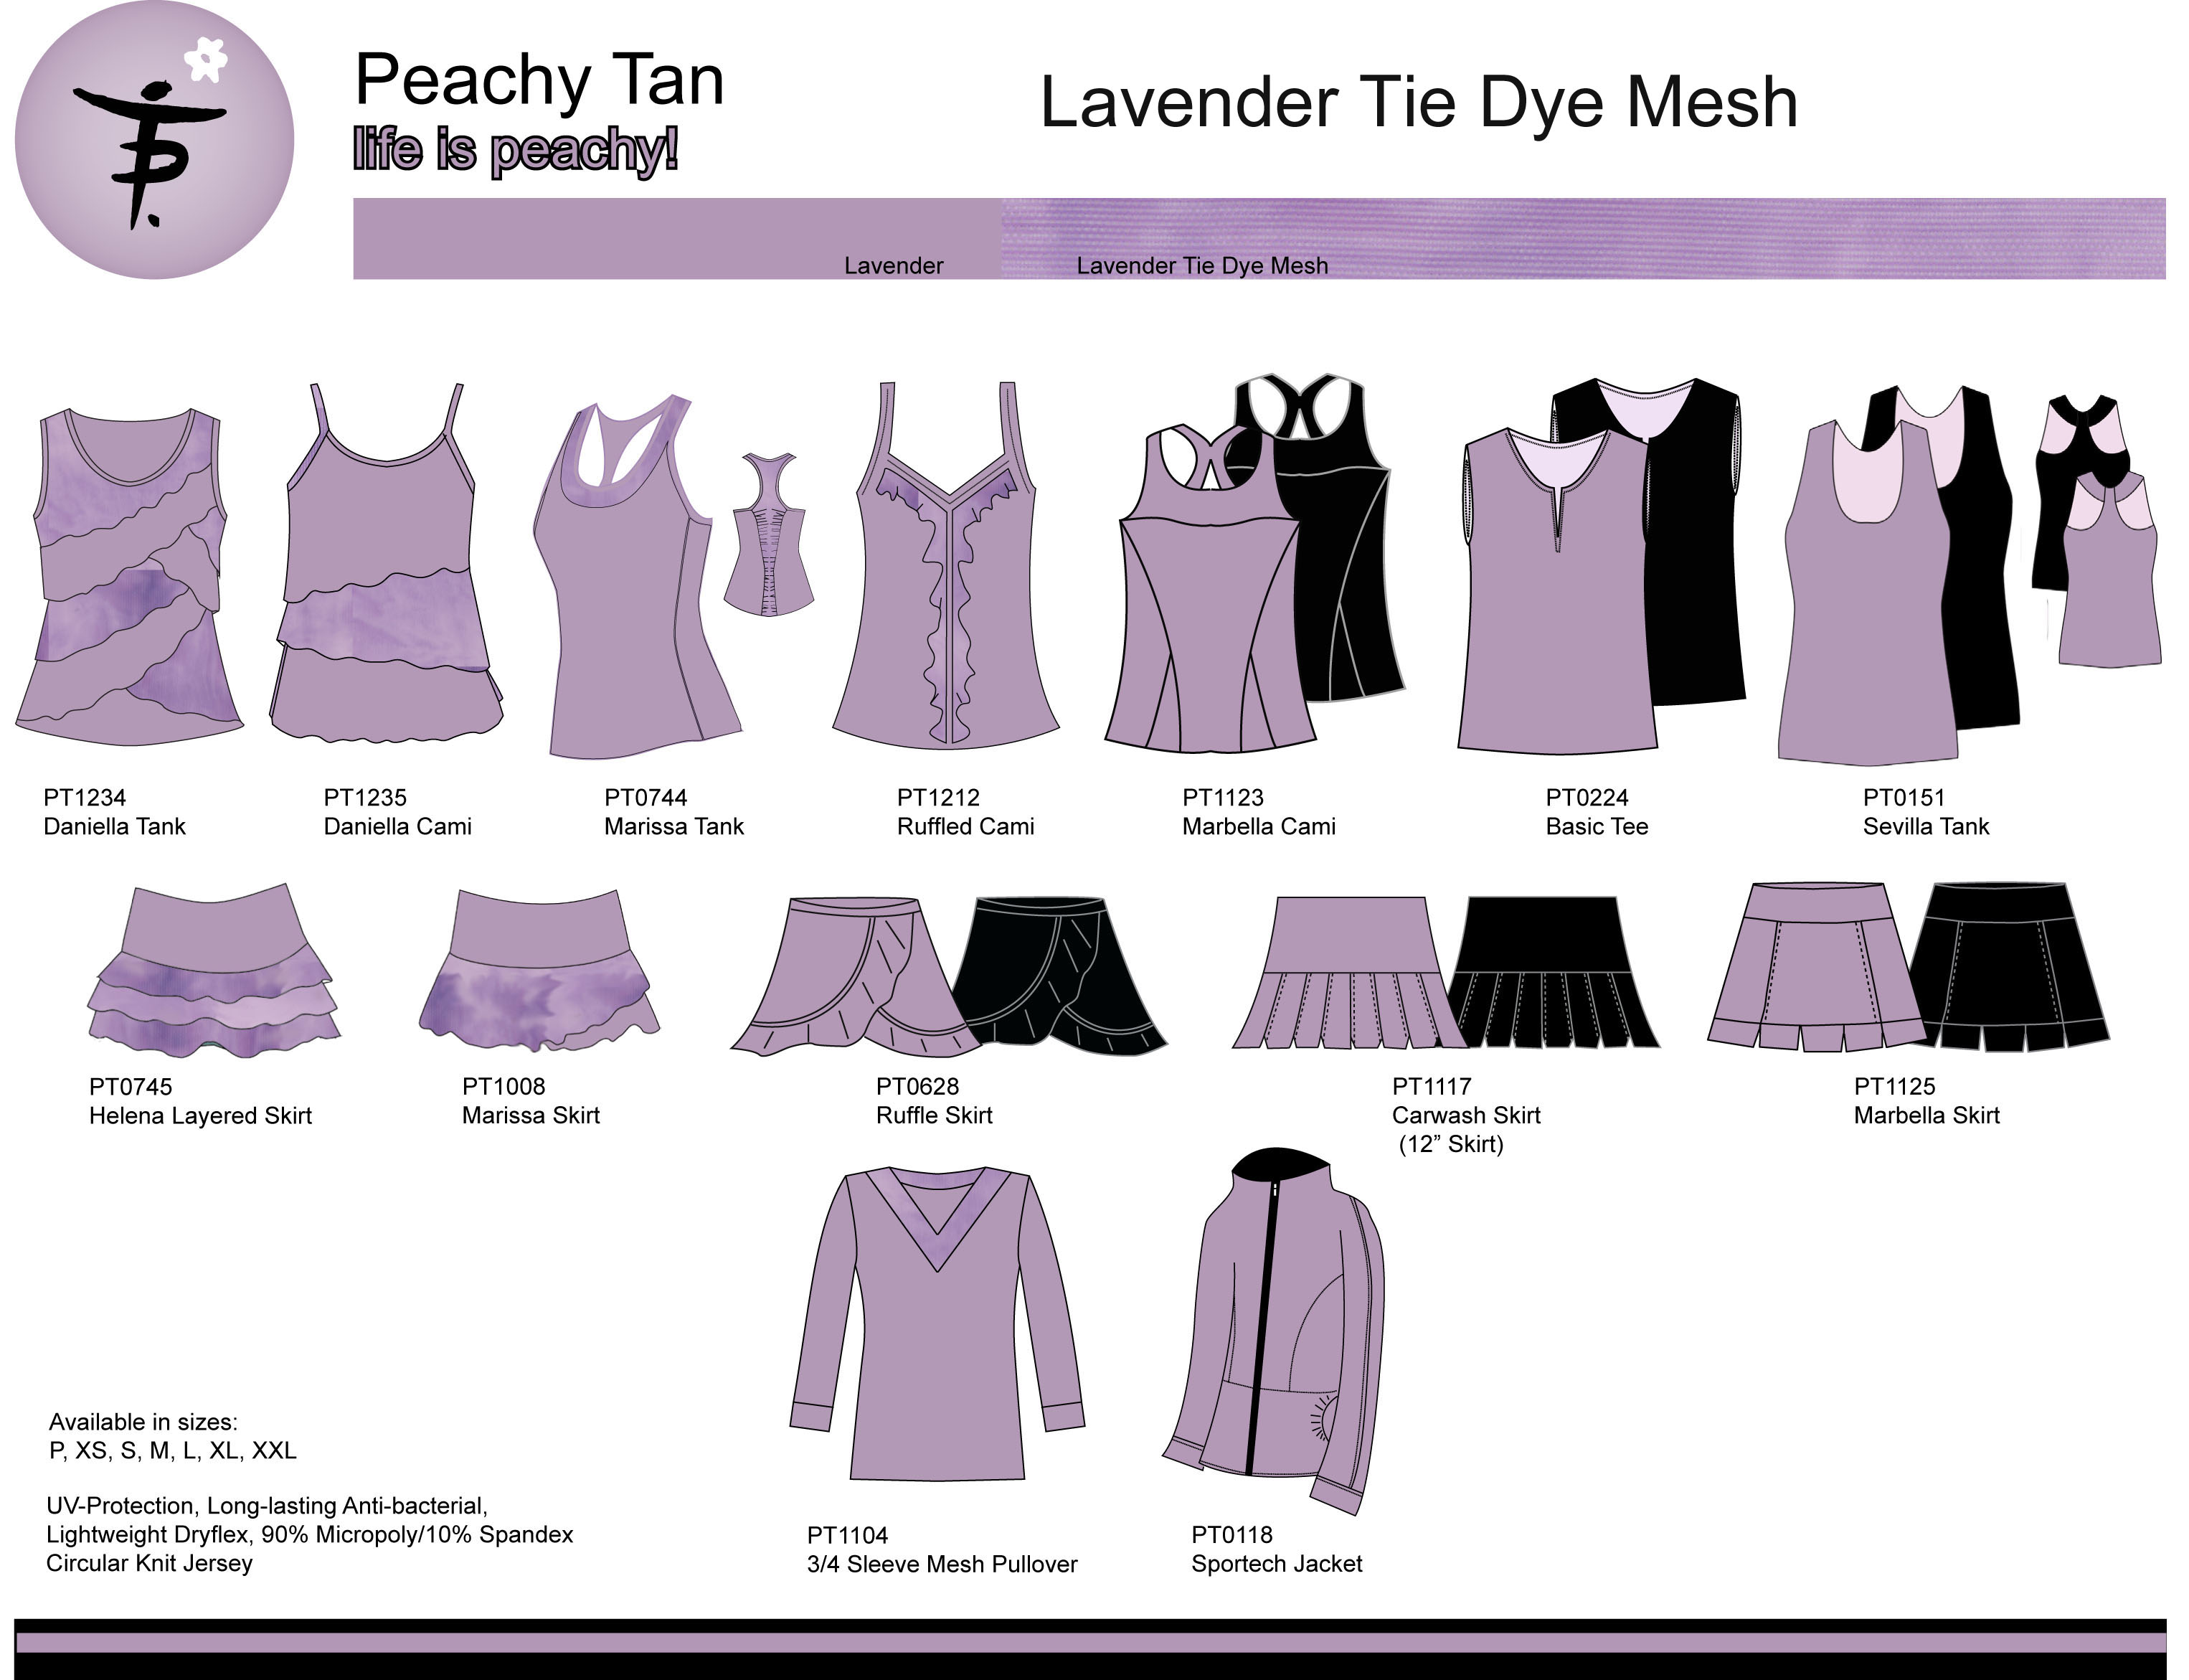 lavender-black-tie-dye-mesh-1-edited-2.jpg